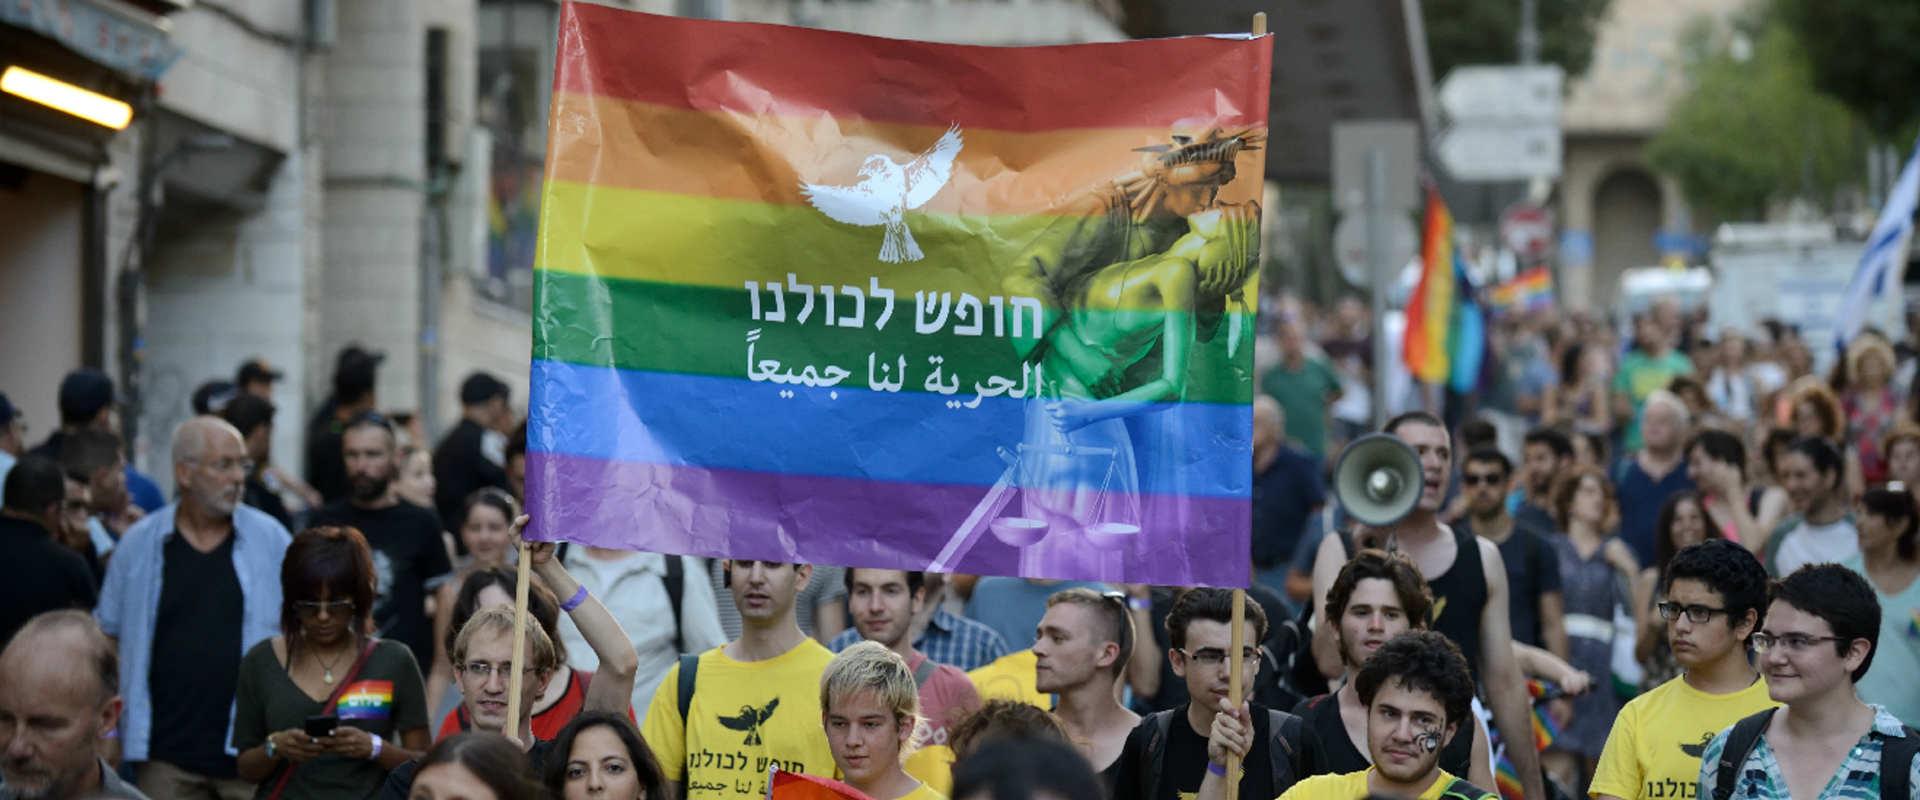 מצעד הגאווה בירושלים, בשנה שעברה